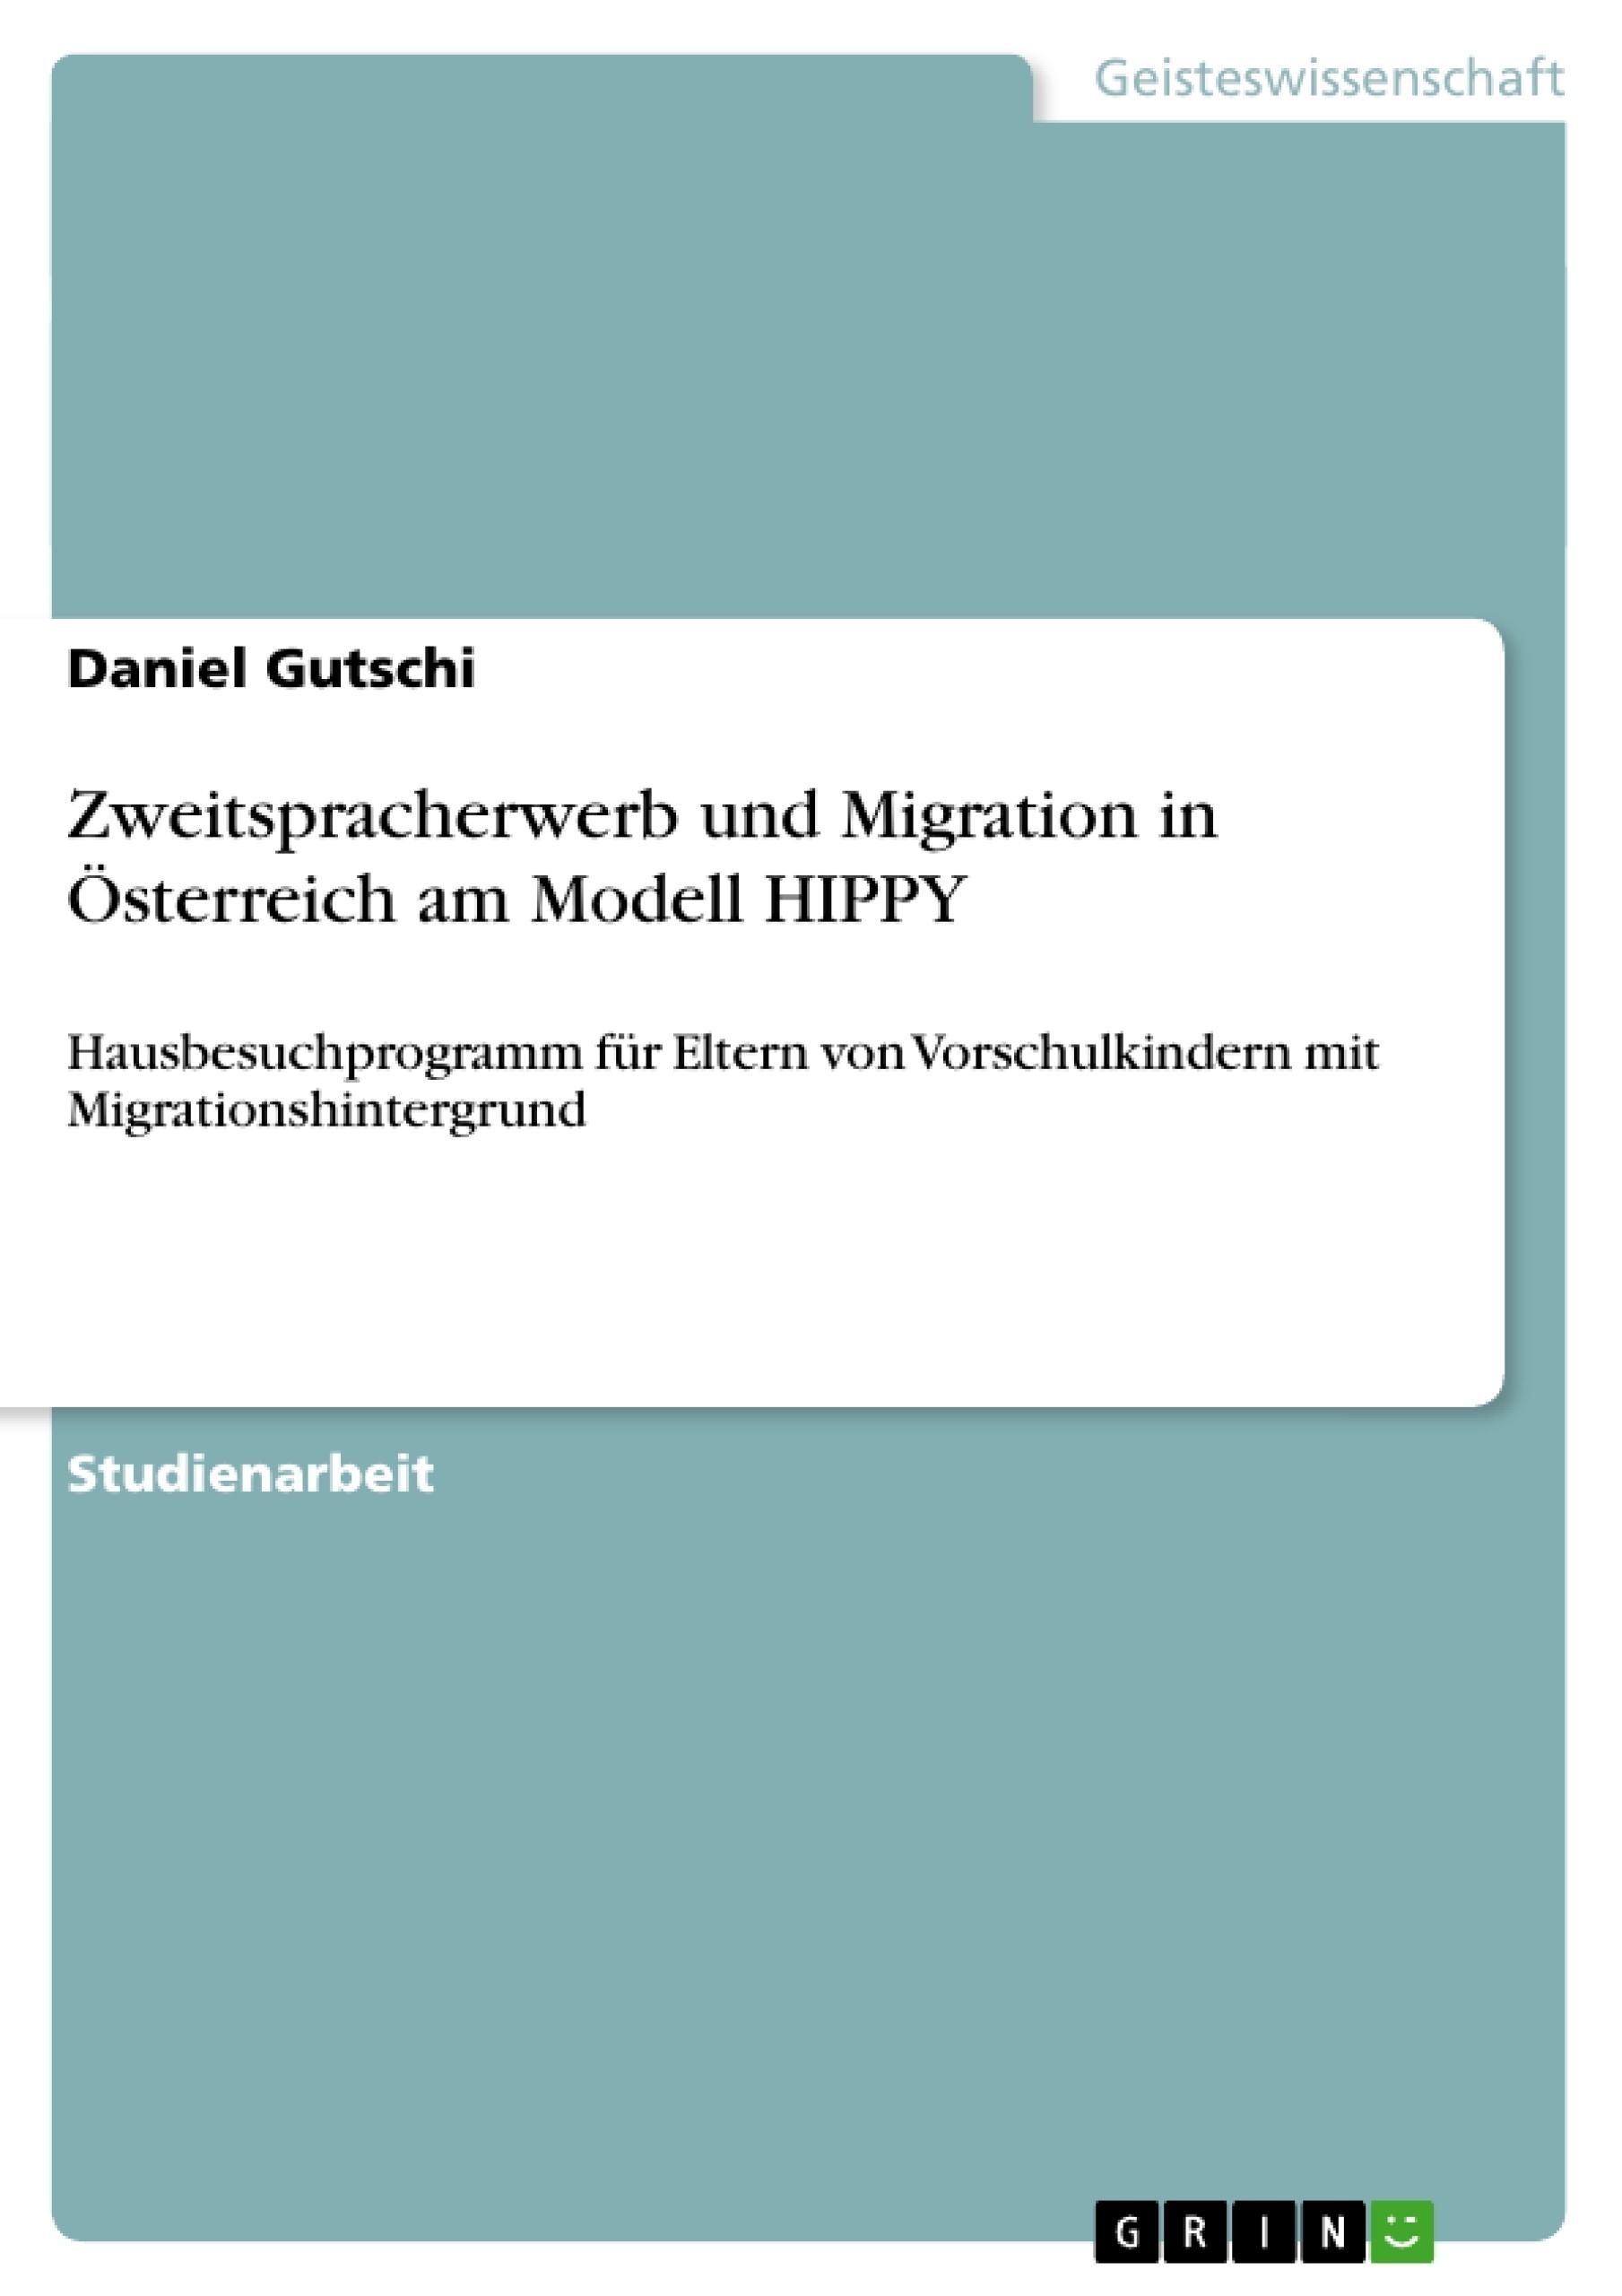 Titel: Zweitspracherwerb und Migration in Österreich am Modell HIPPY